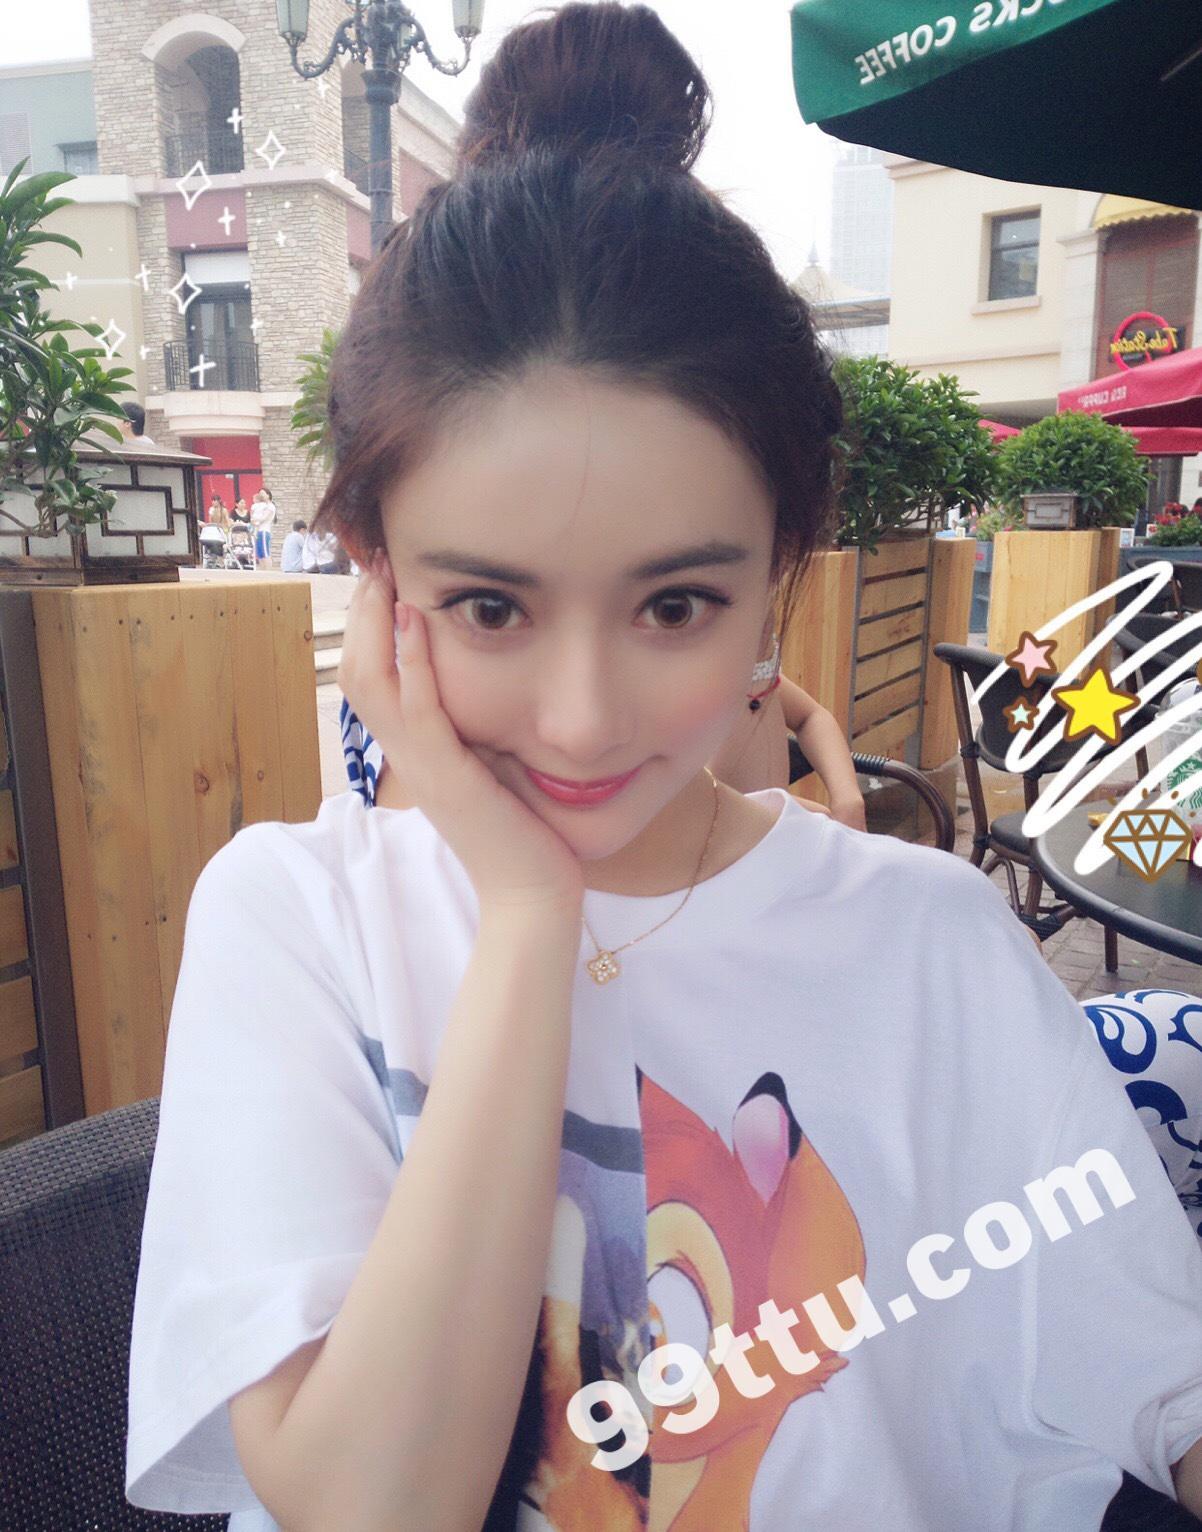 KK15 502张 白富美女神网红自拍运动美女-4